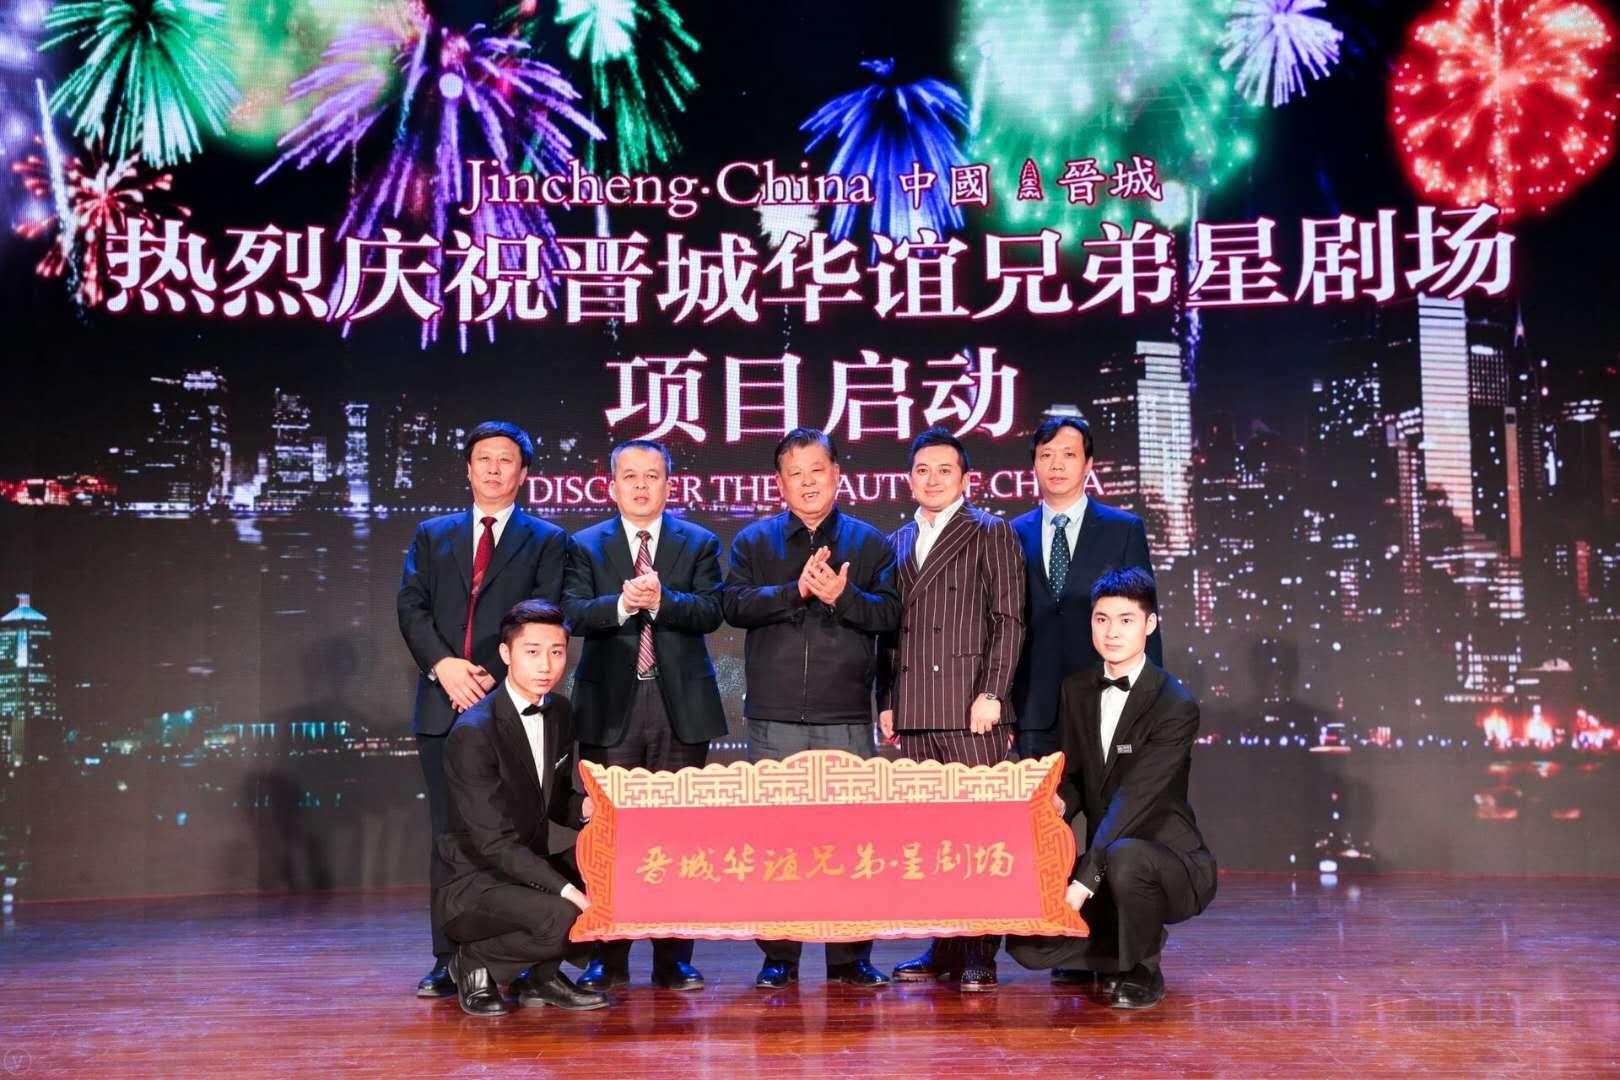 华谊兄弟星剧场:落户山西晋城 助文旅产业发展